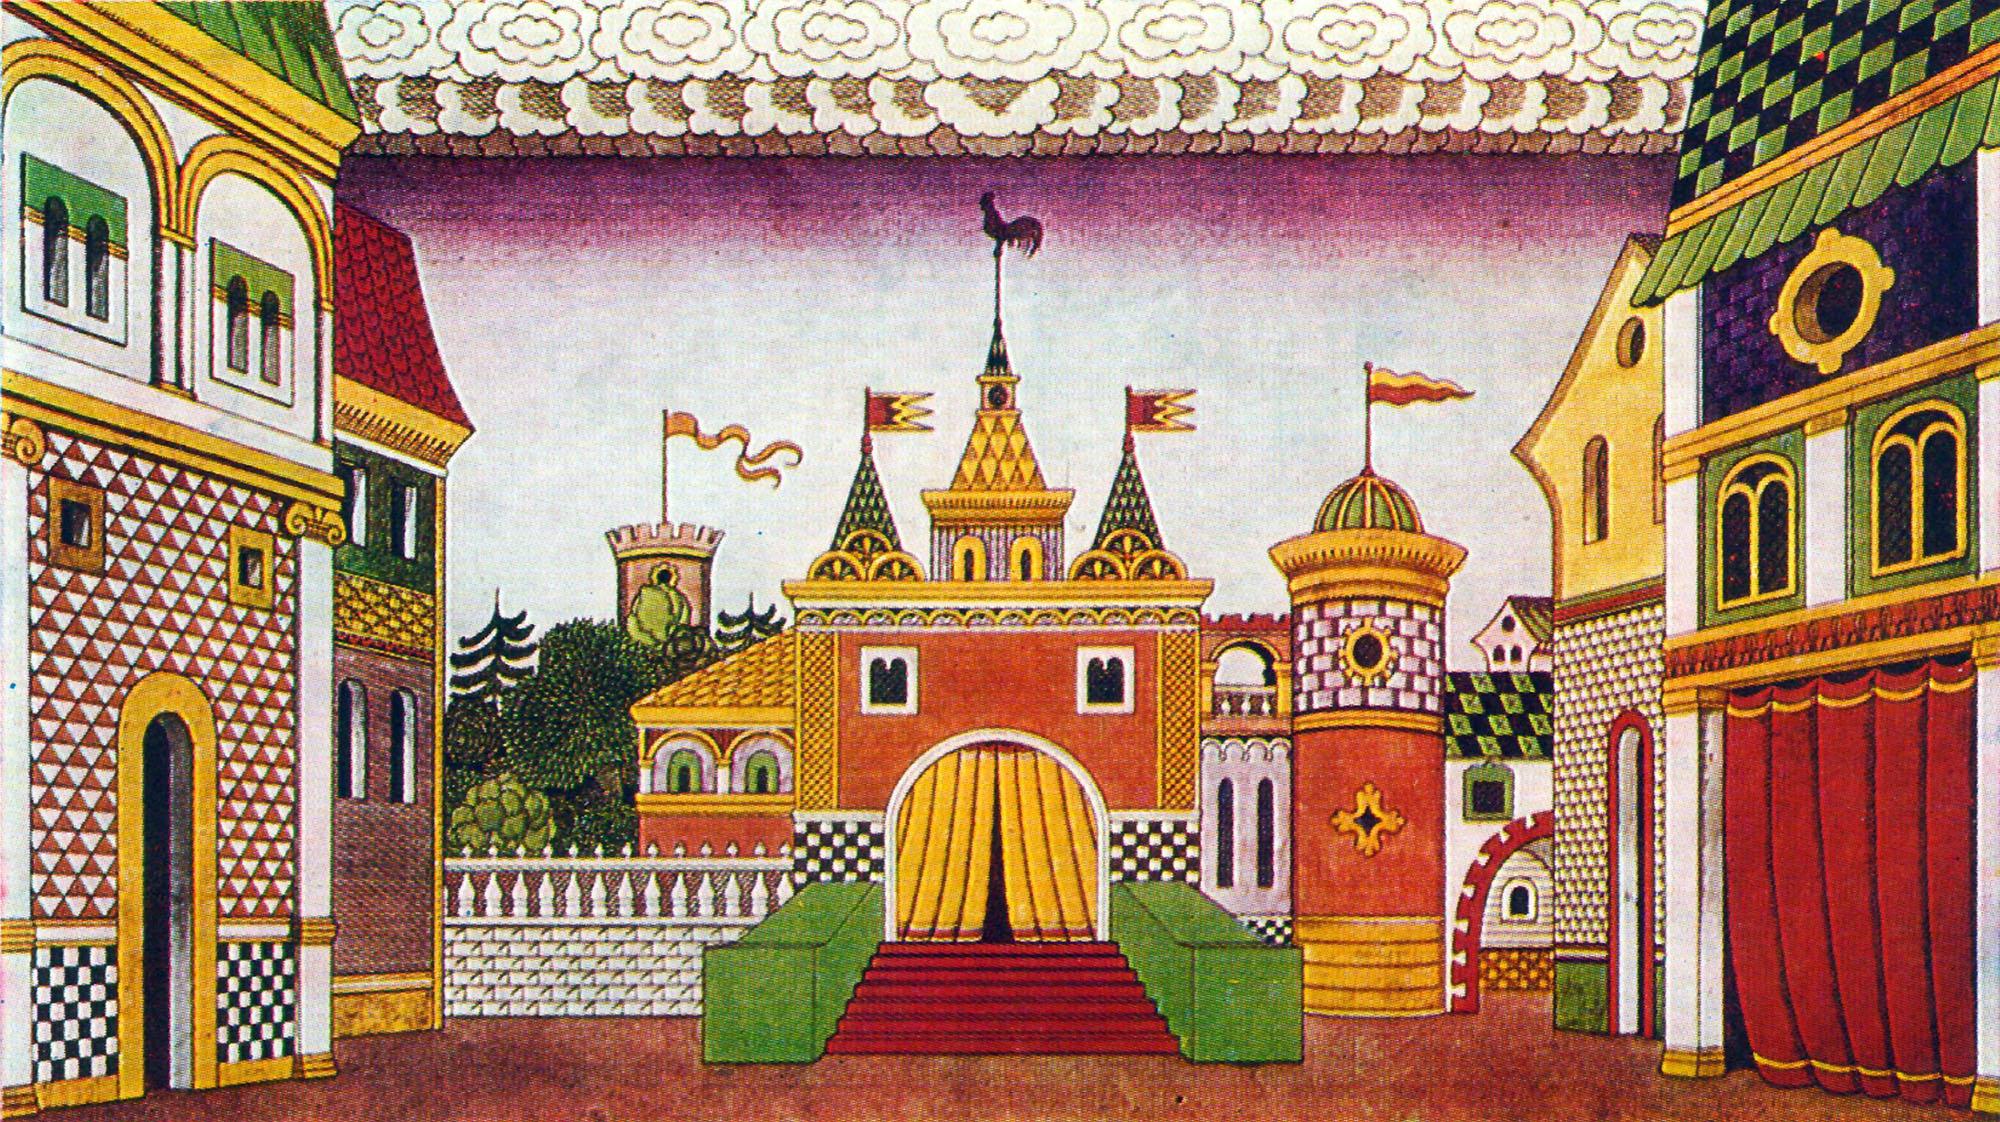 боятся, дворец в сказках картинки был двадцать лет